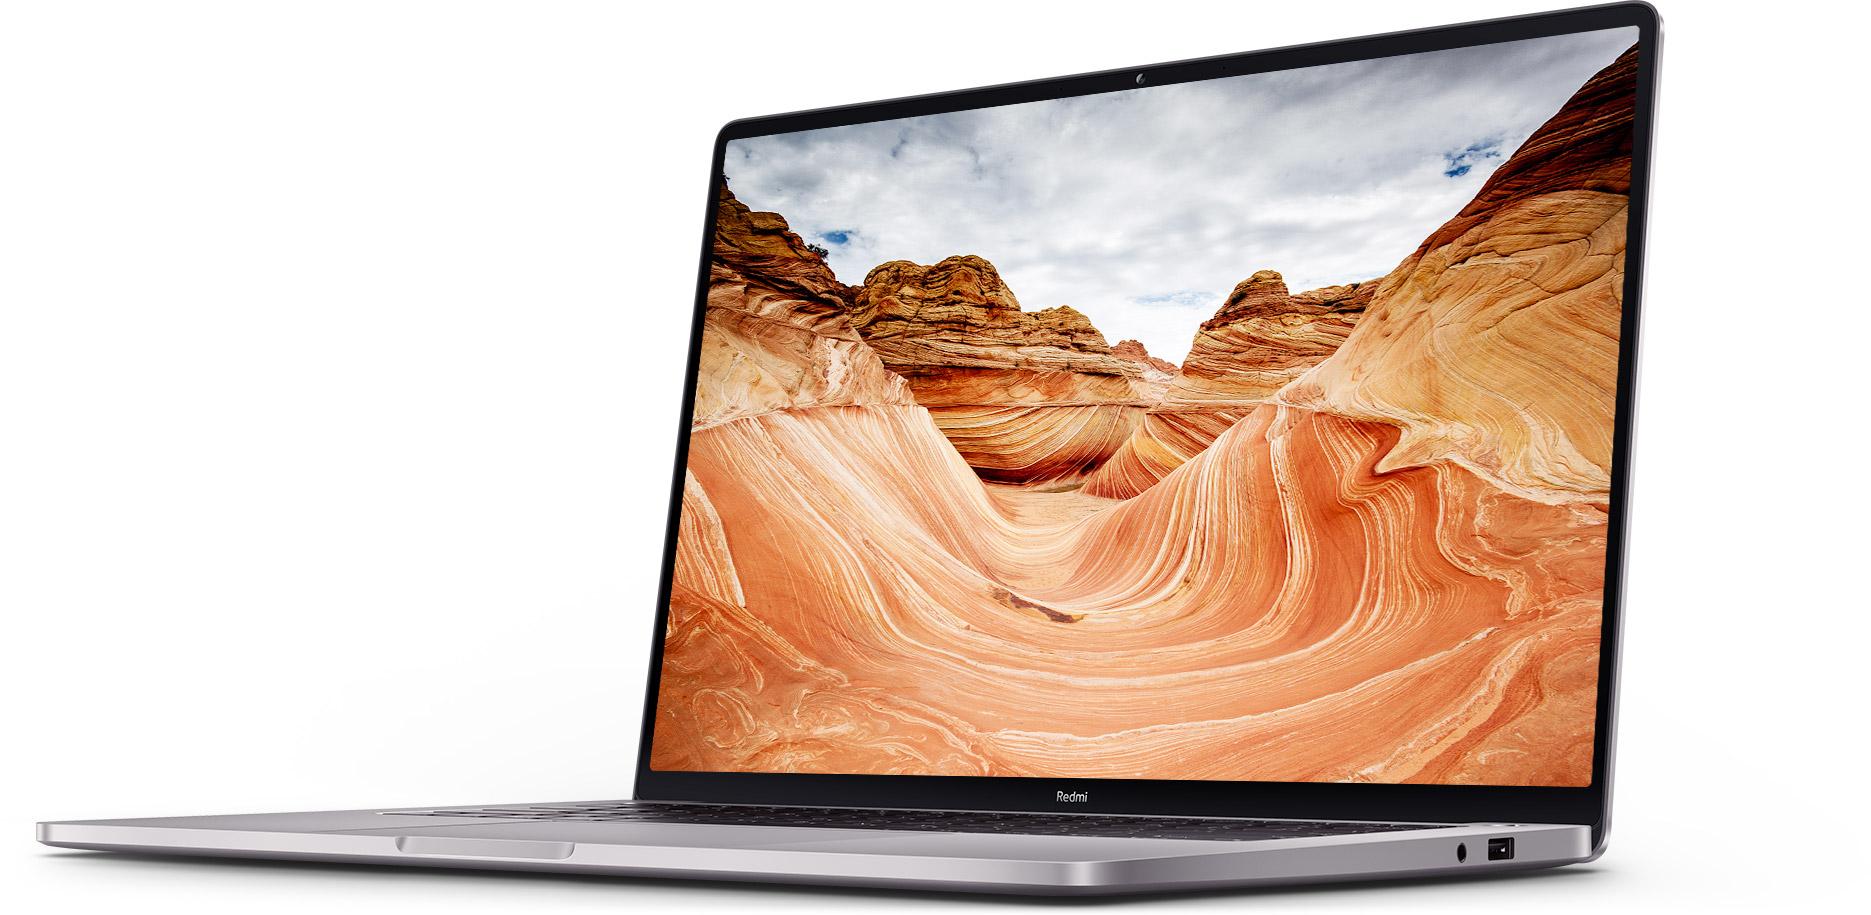 جهاز الكمبيوتر المحمول Redmi Book Pro 14 بشاشة رائعة